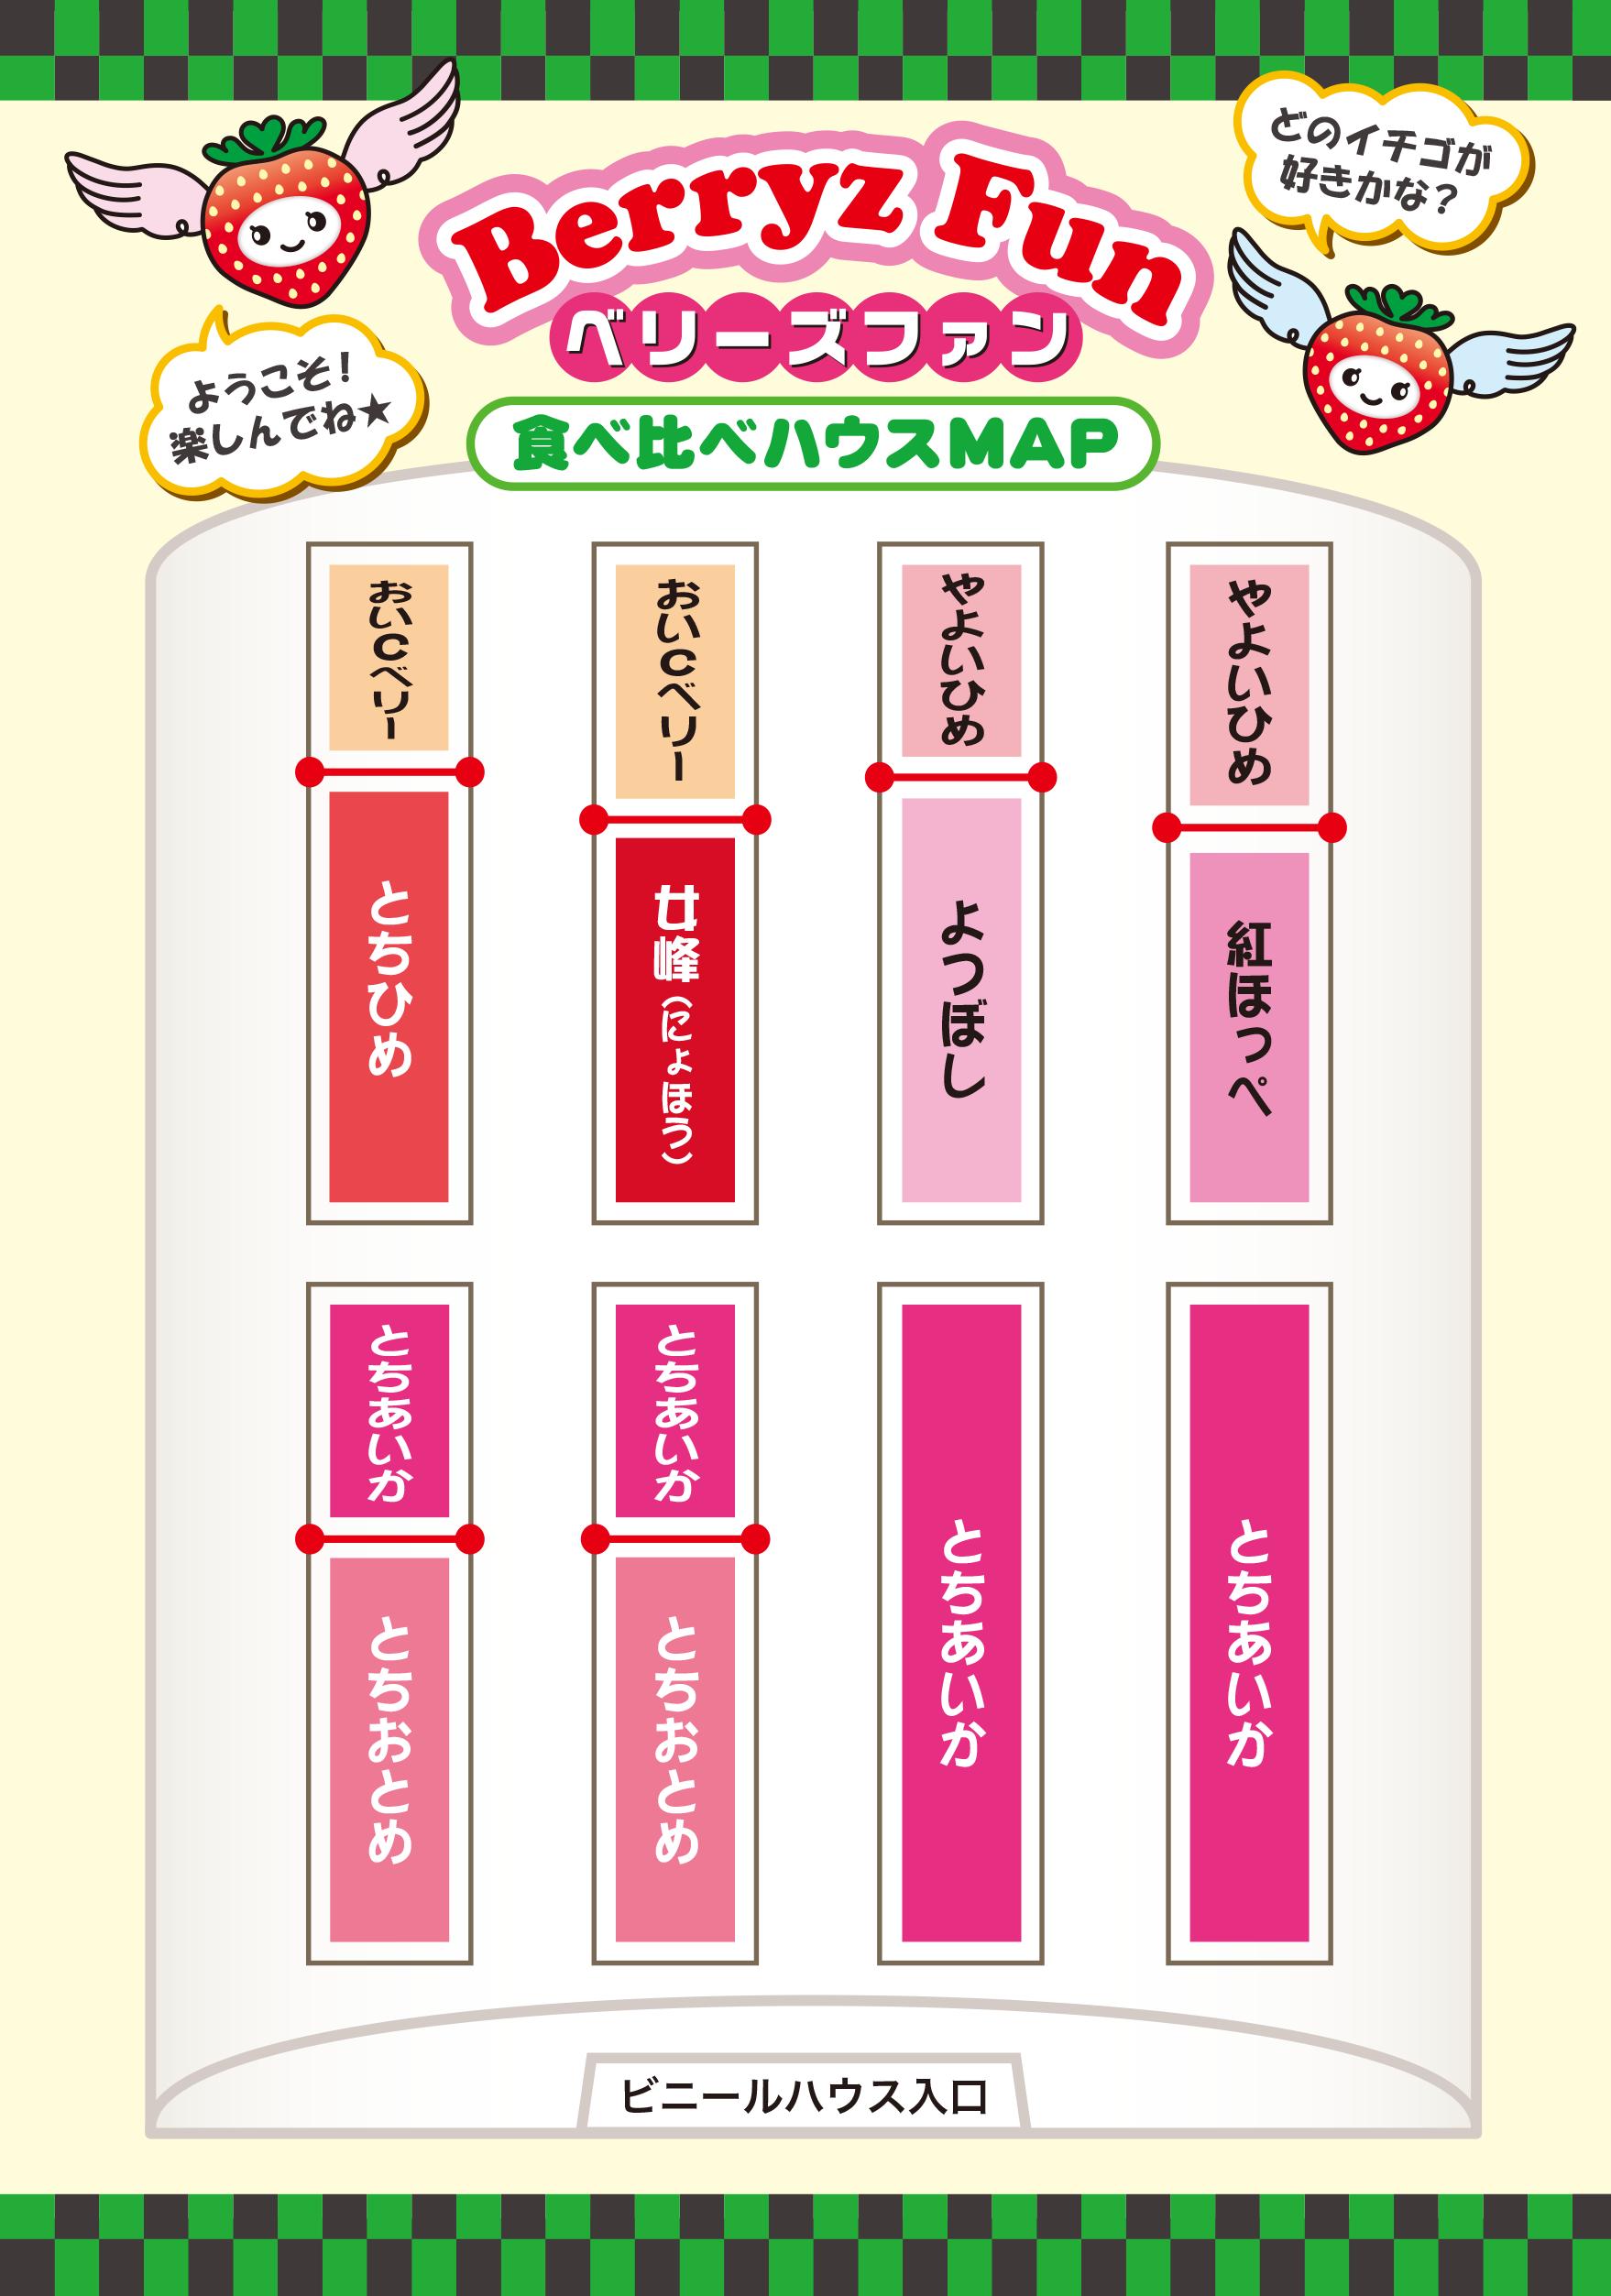 ハウス内マップ